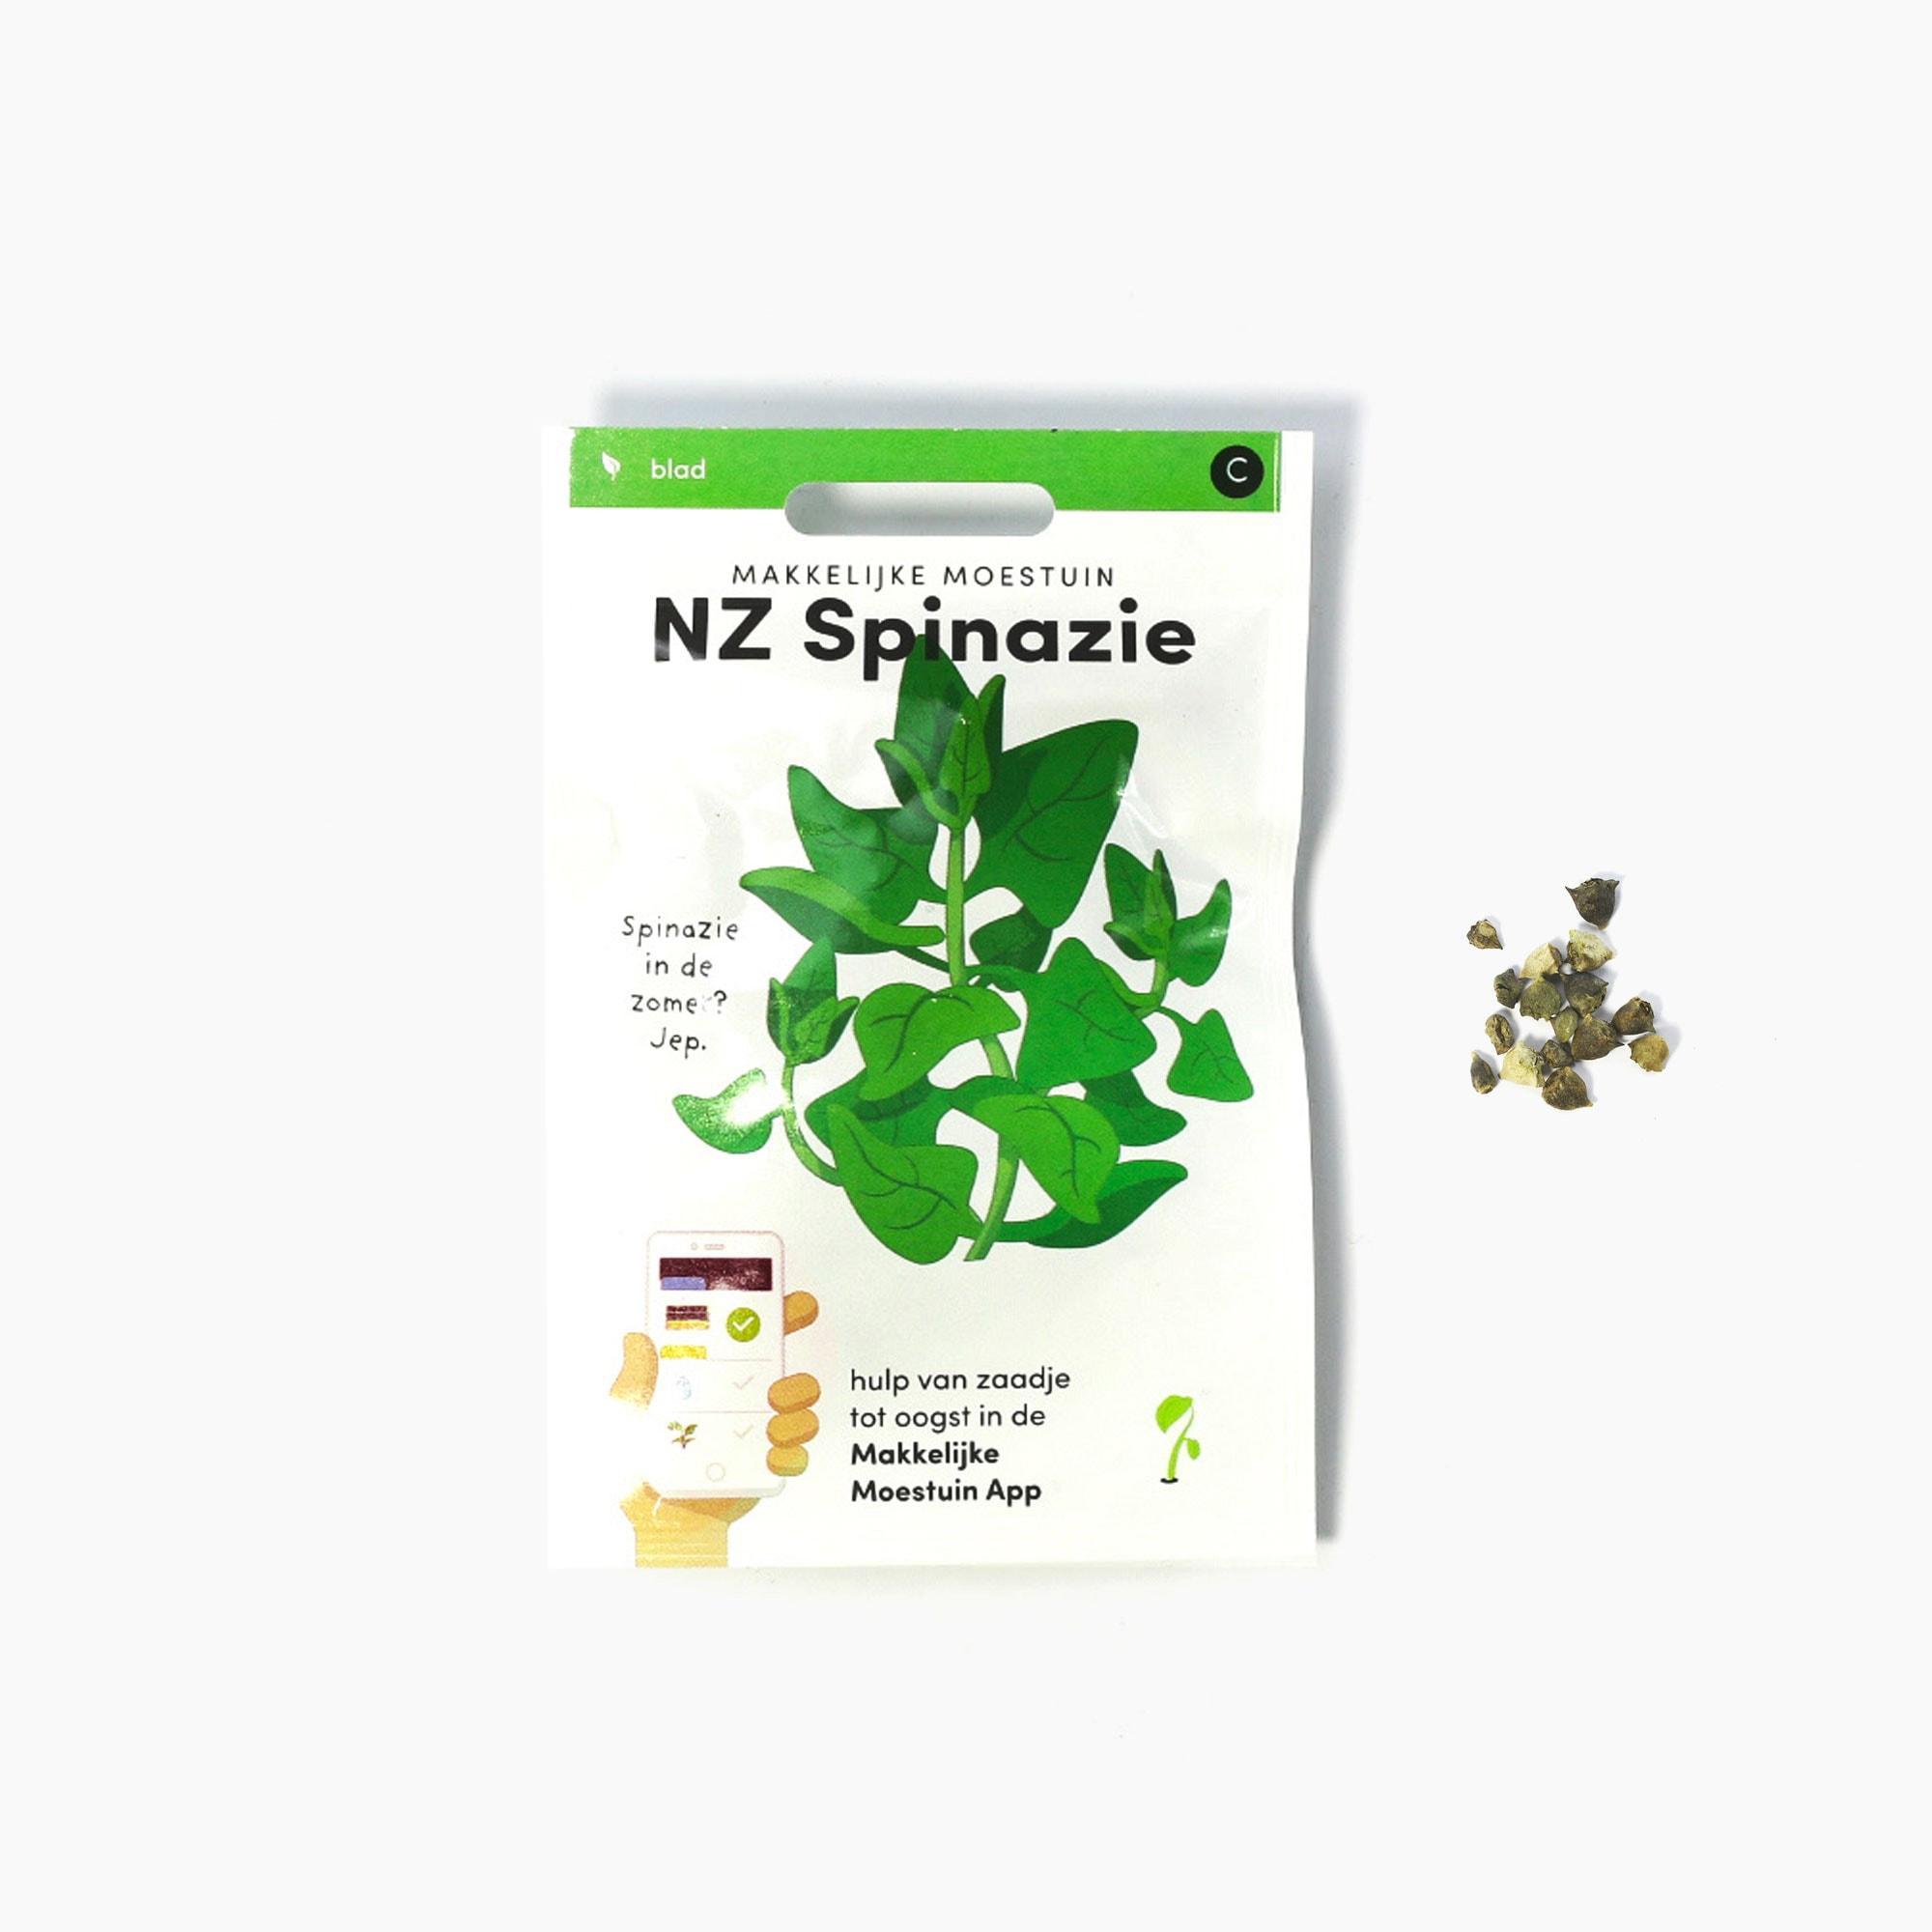 NZspinazie-(1).jpg